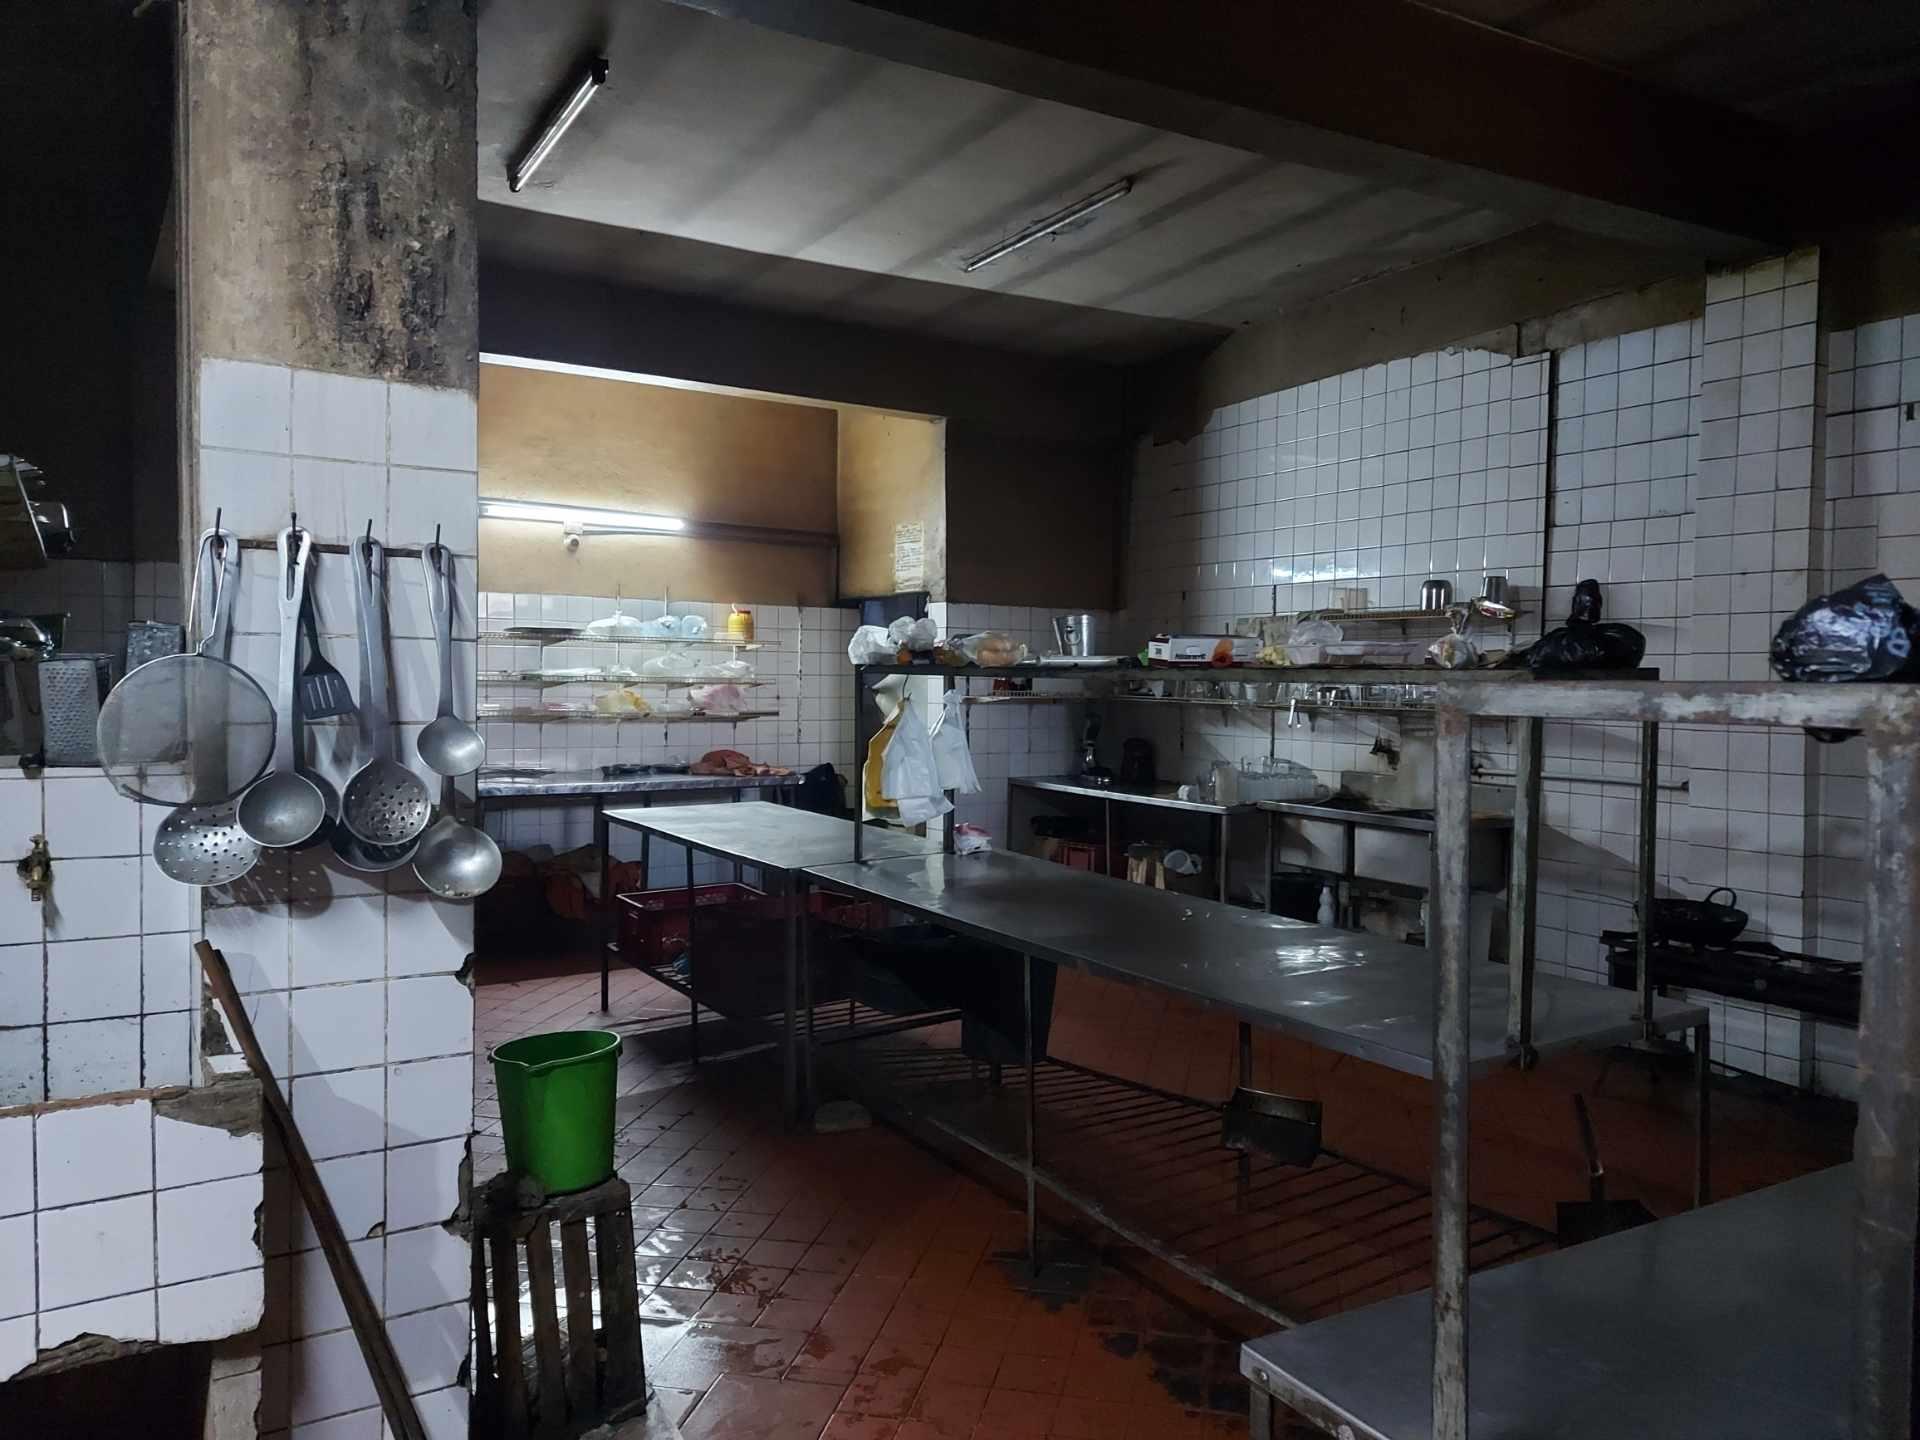 Local comercial en Venta Inmueble comercial Sobre el 2do anillo Entre Av. Alemana y Beni Foto 11